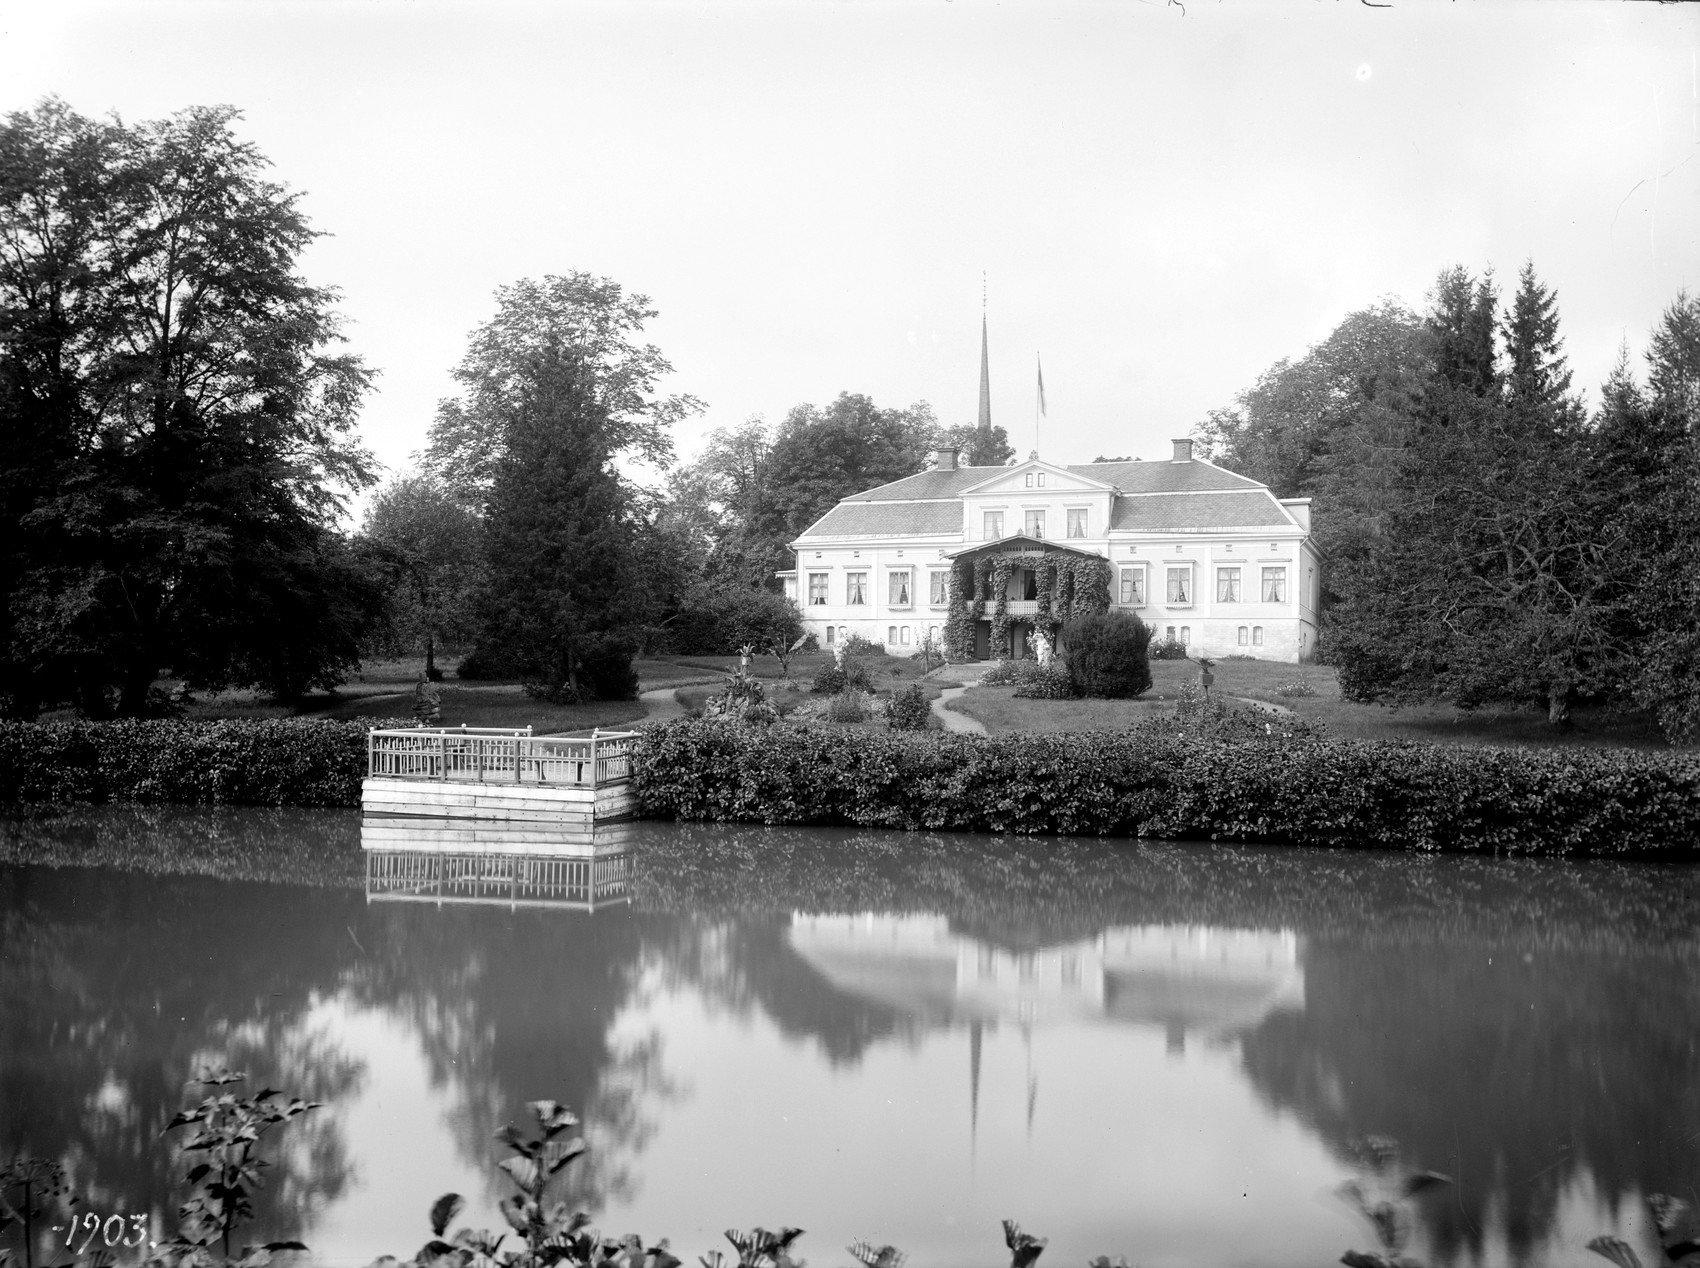 Svartvitt foto på en gårdsbyggnad precis bredvid vatten